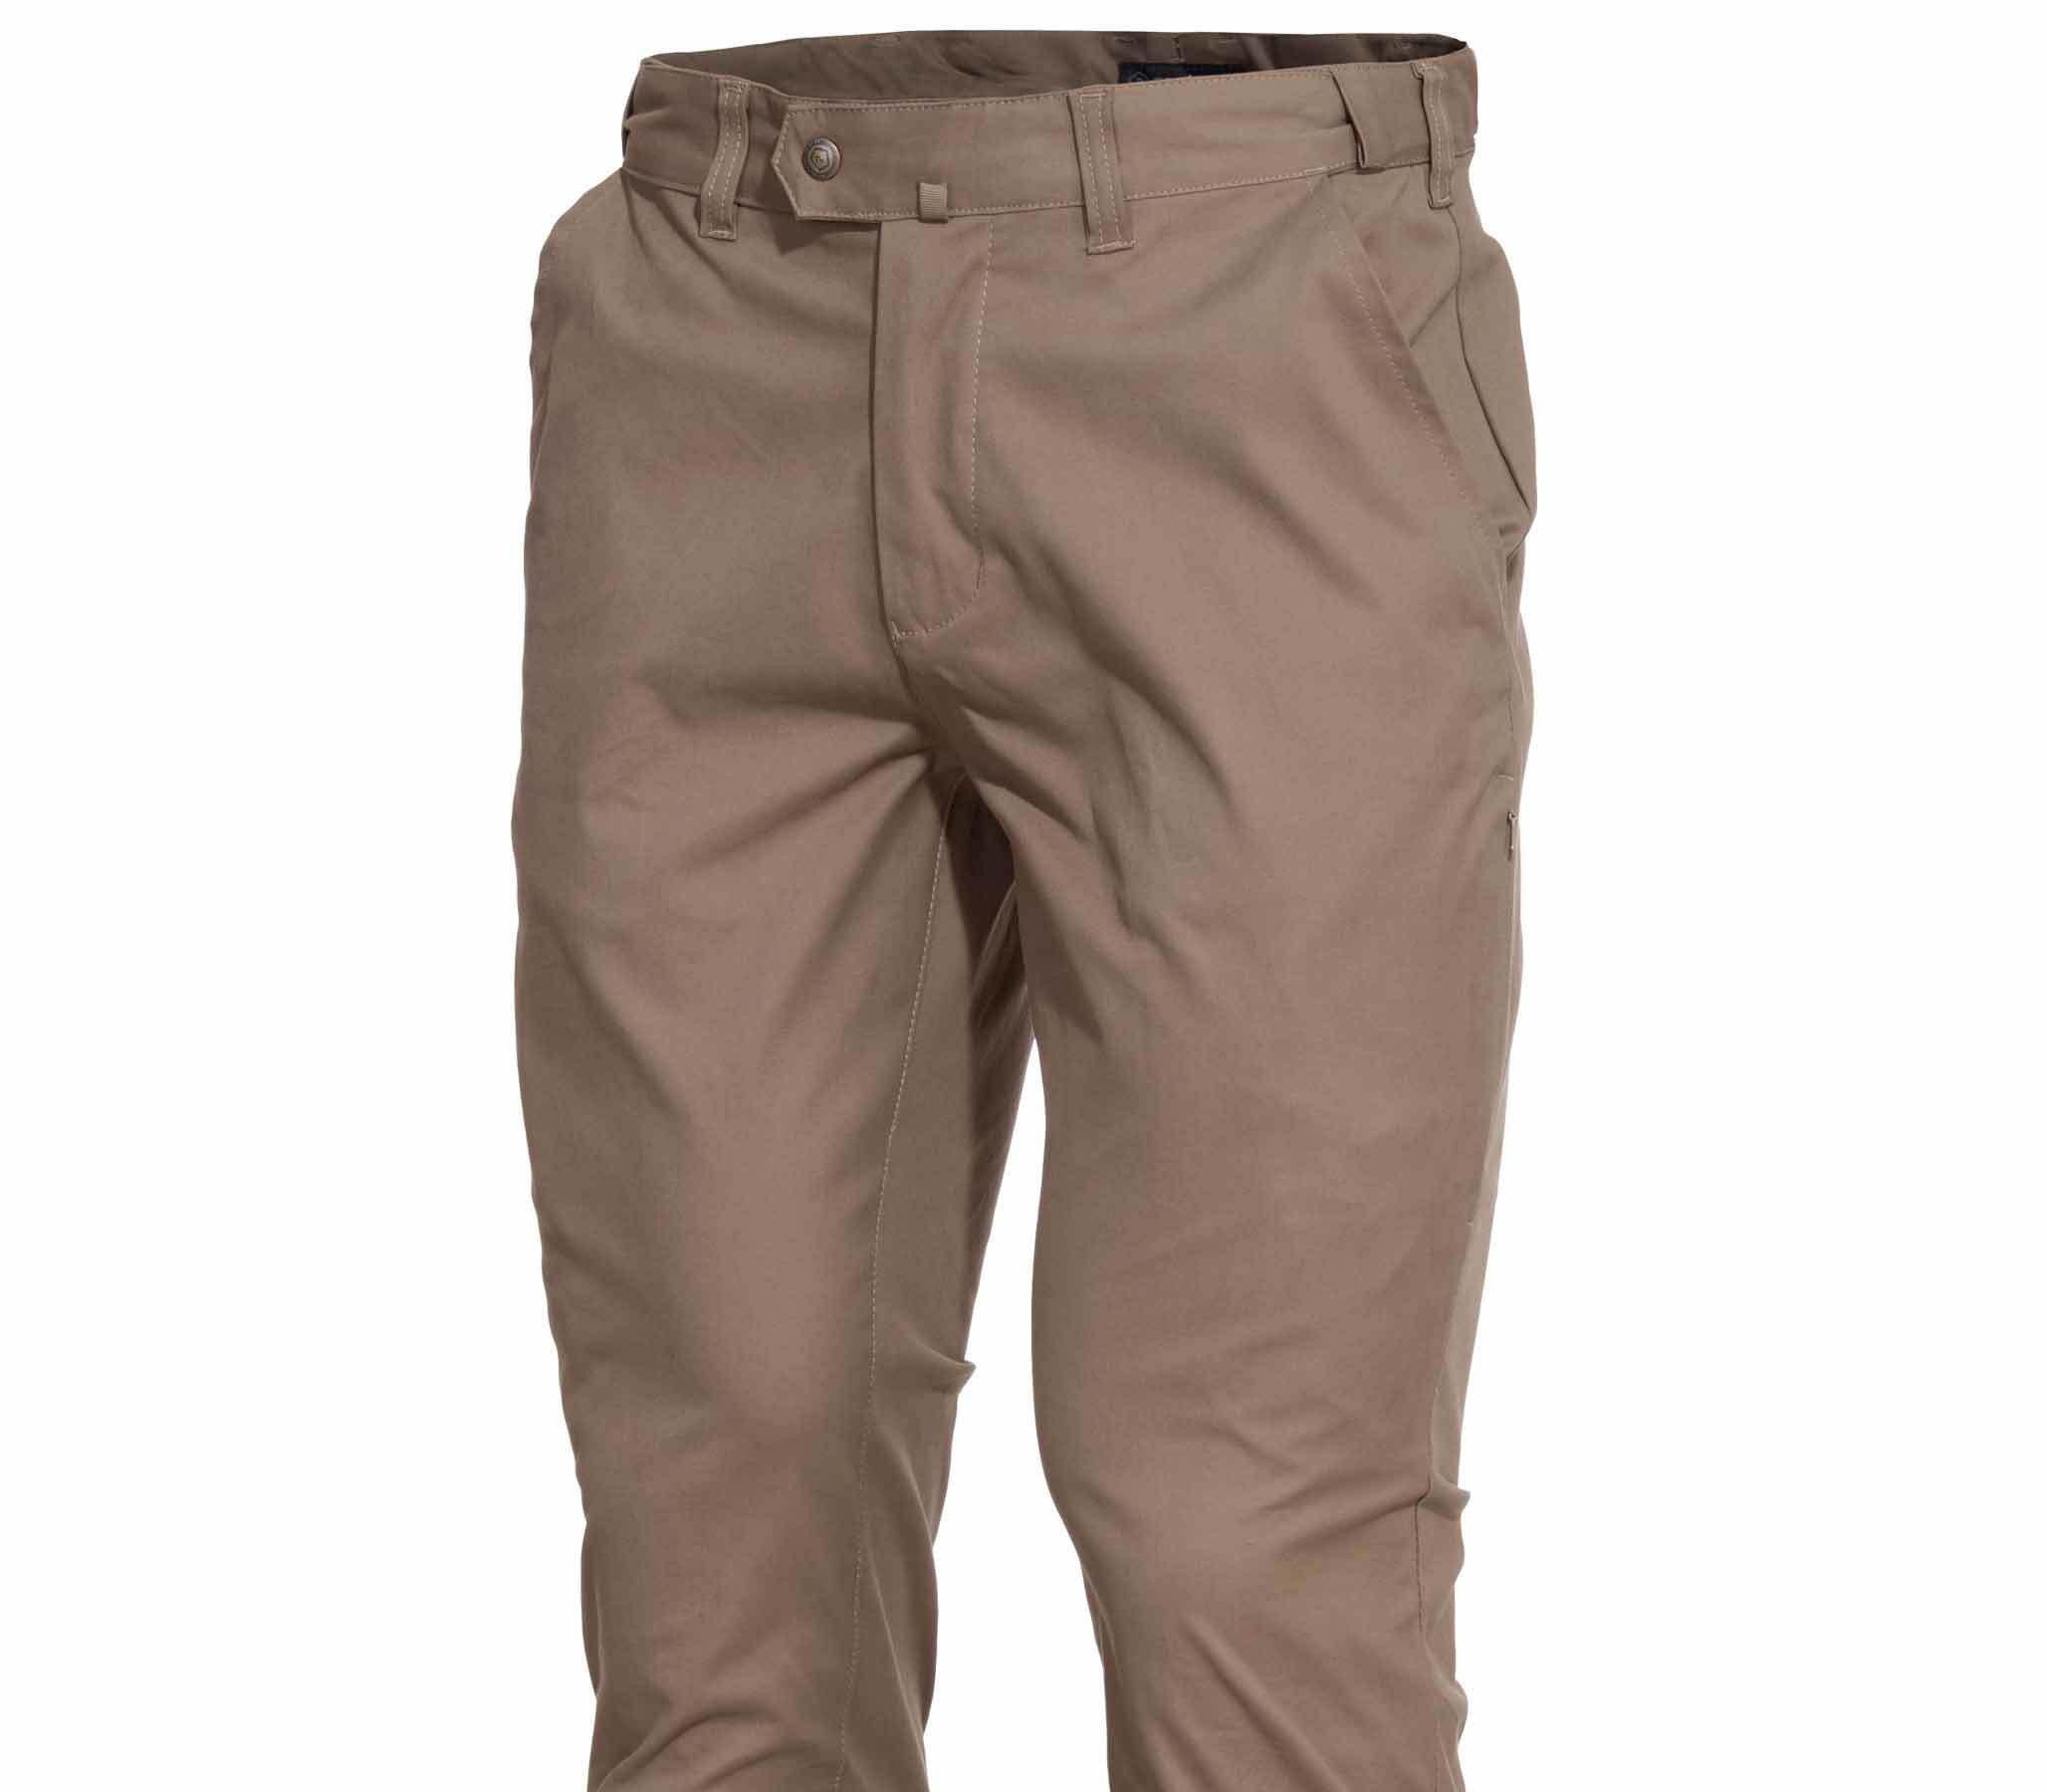 Pantalones Pentagon Tactical 2.0 superior